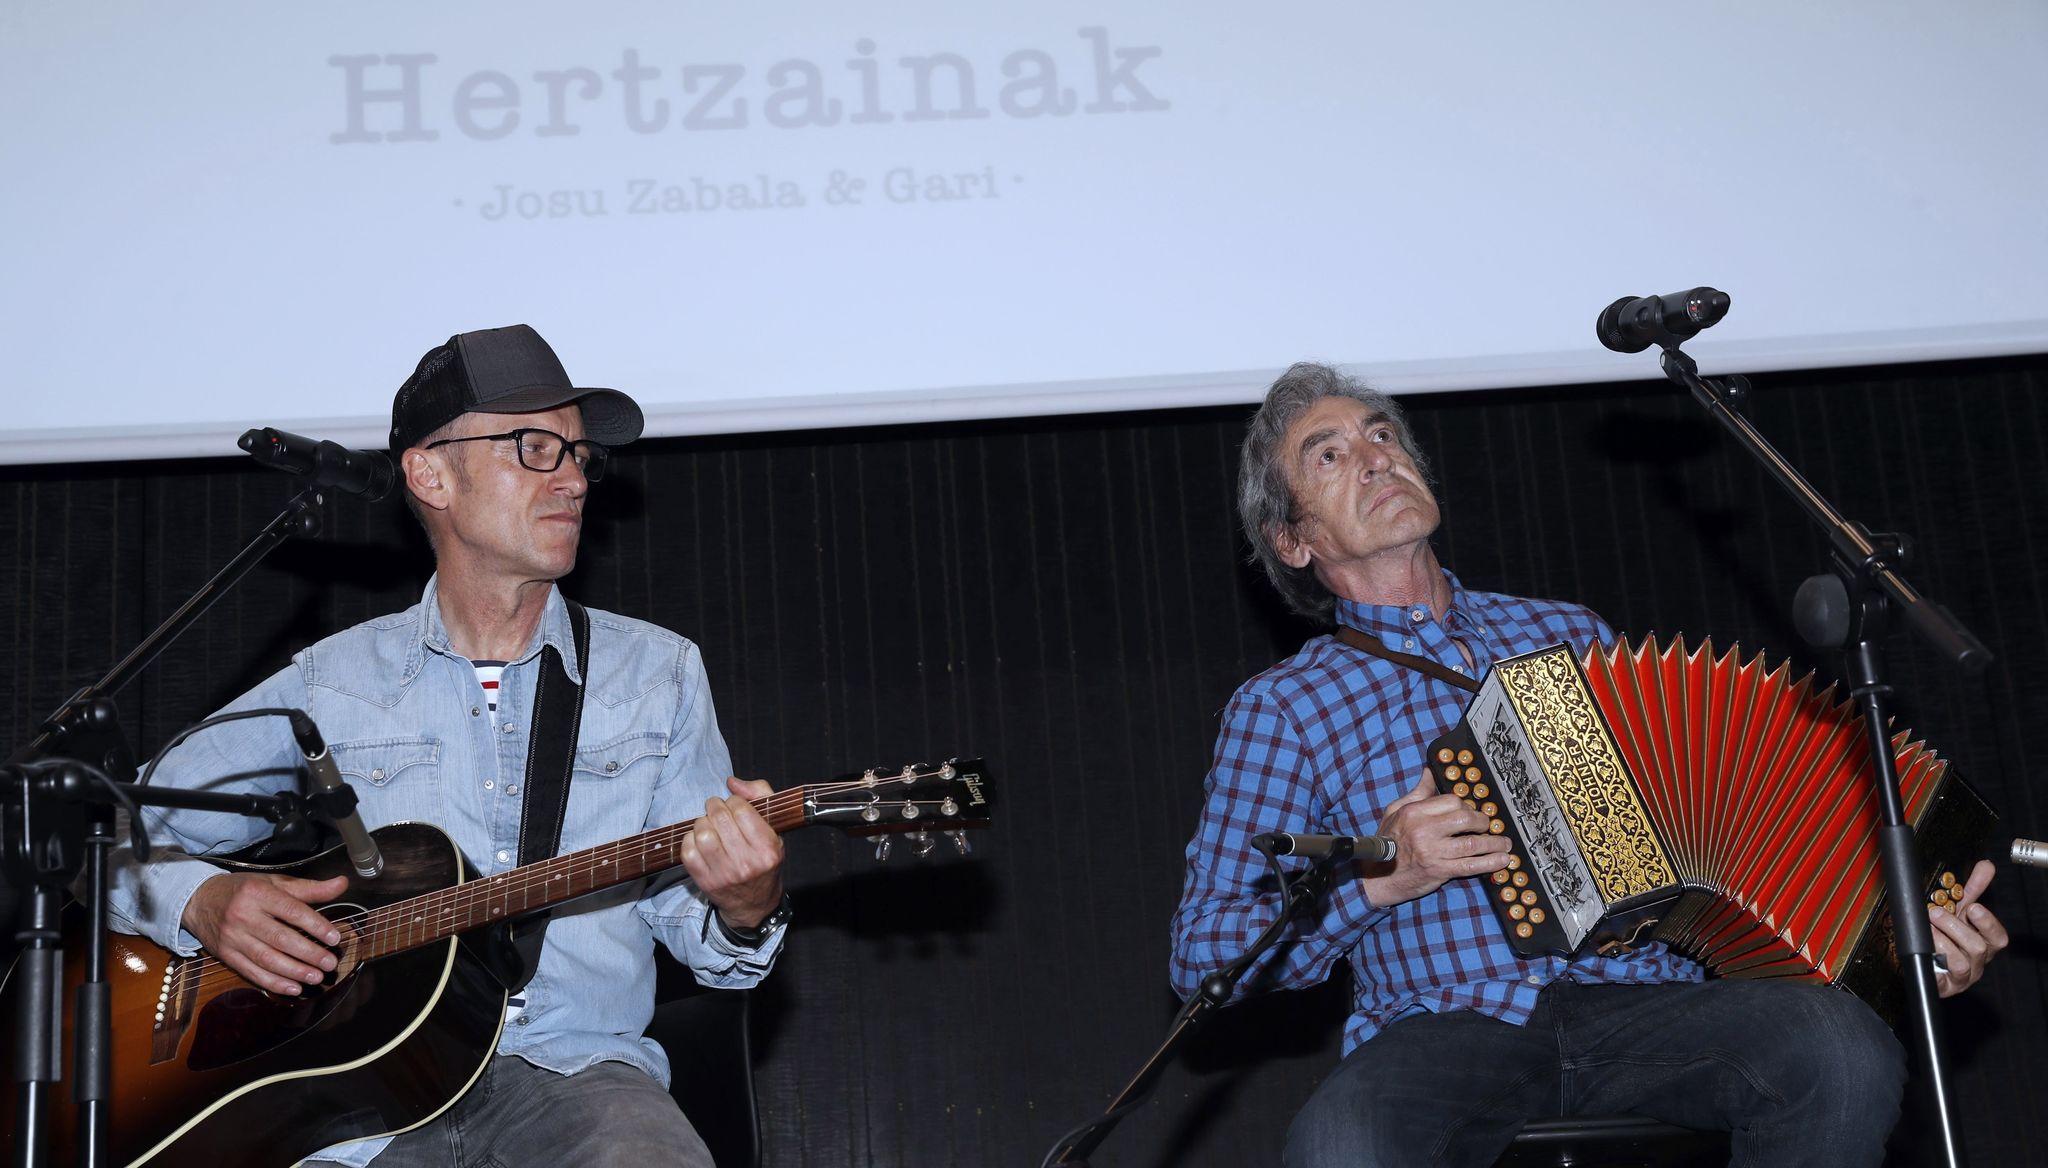 Gari y Josu Zabala, tocan un tema tras anunciar el concierto de septiembre.